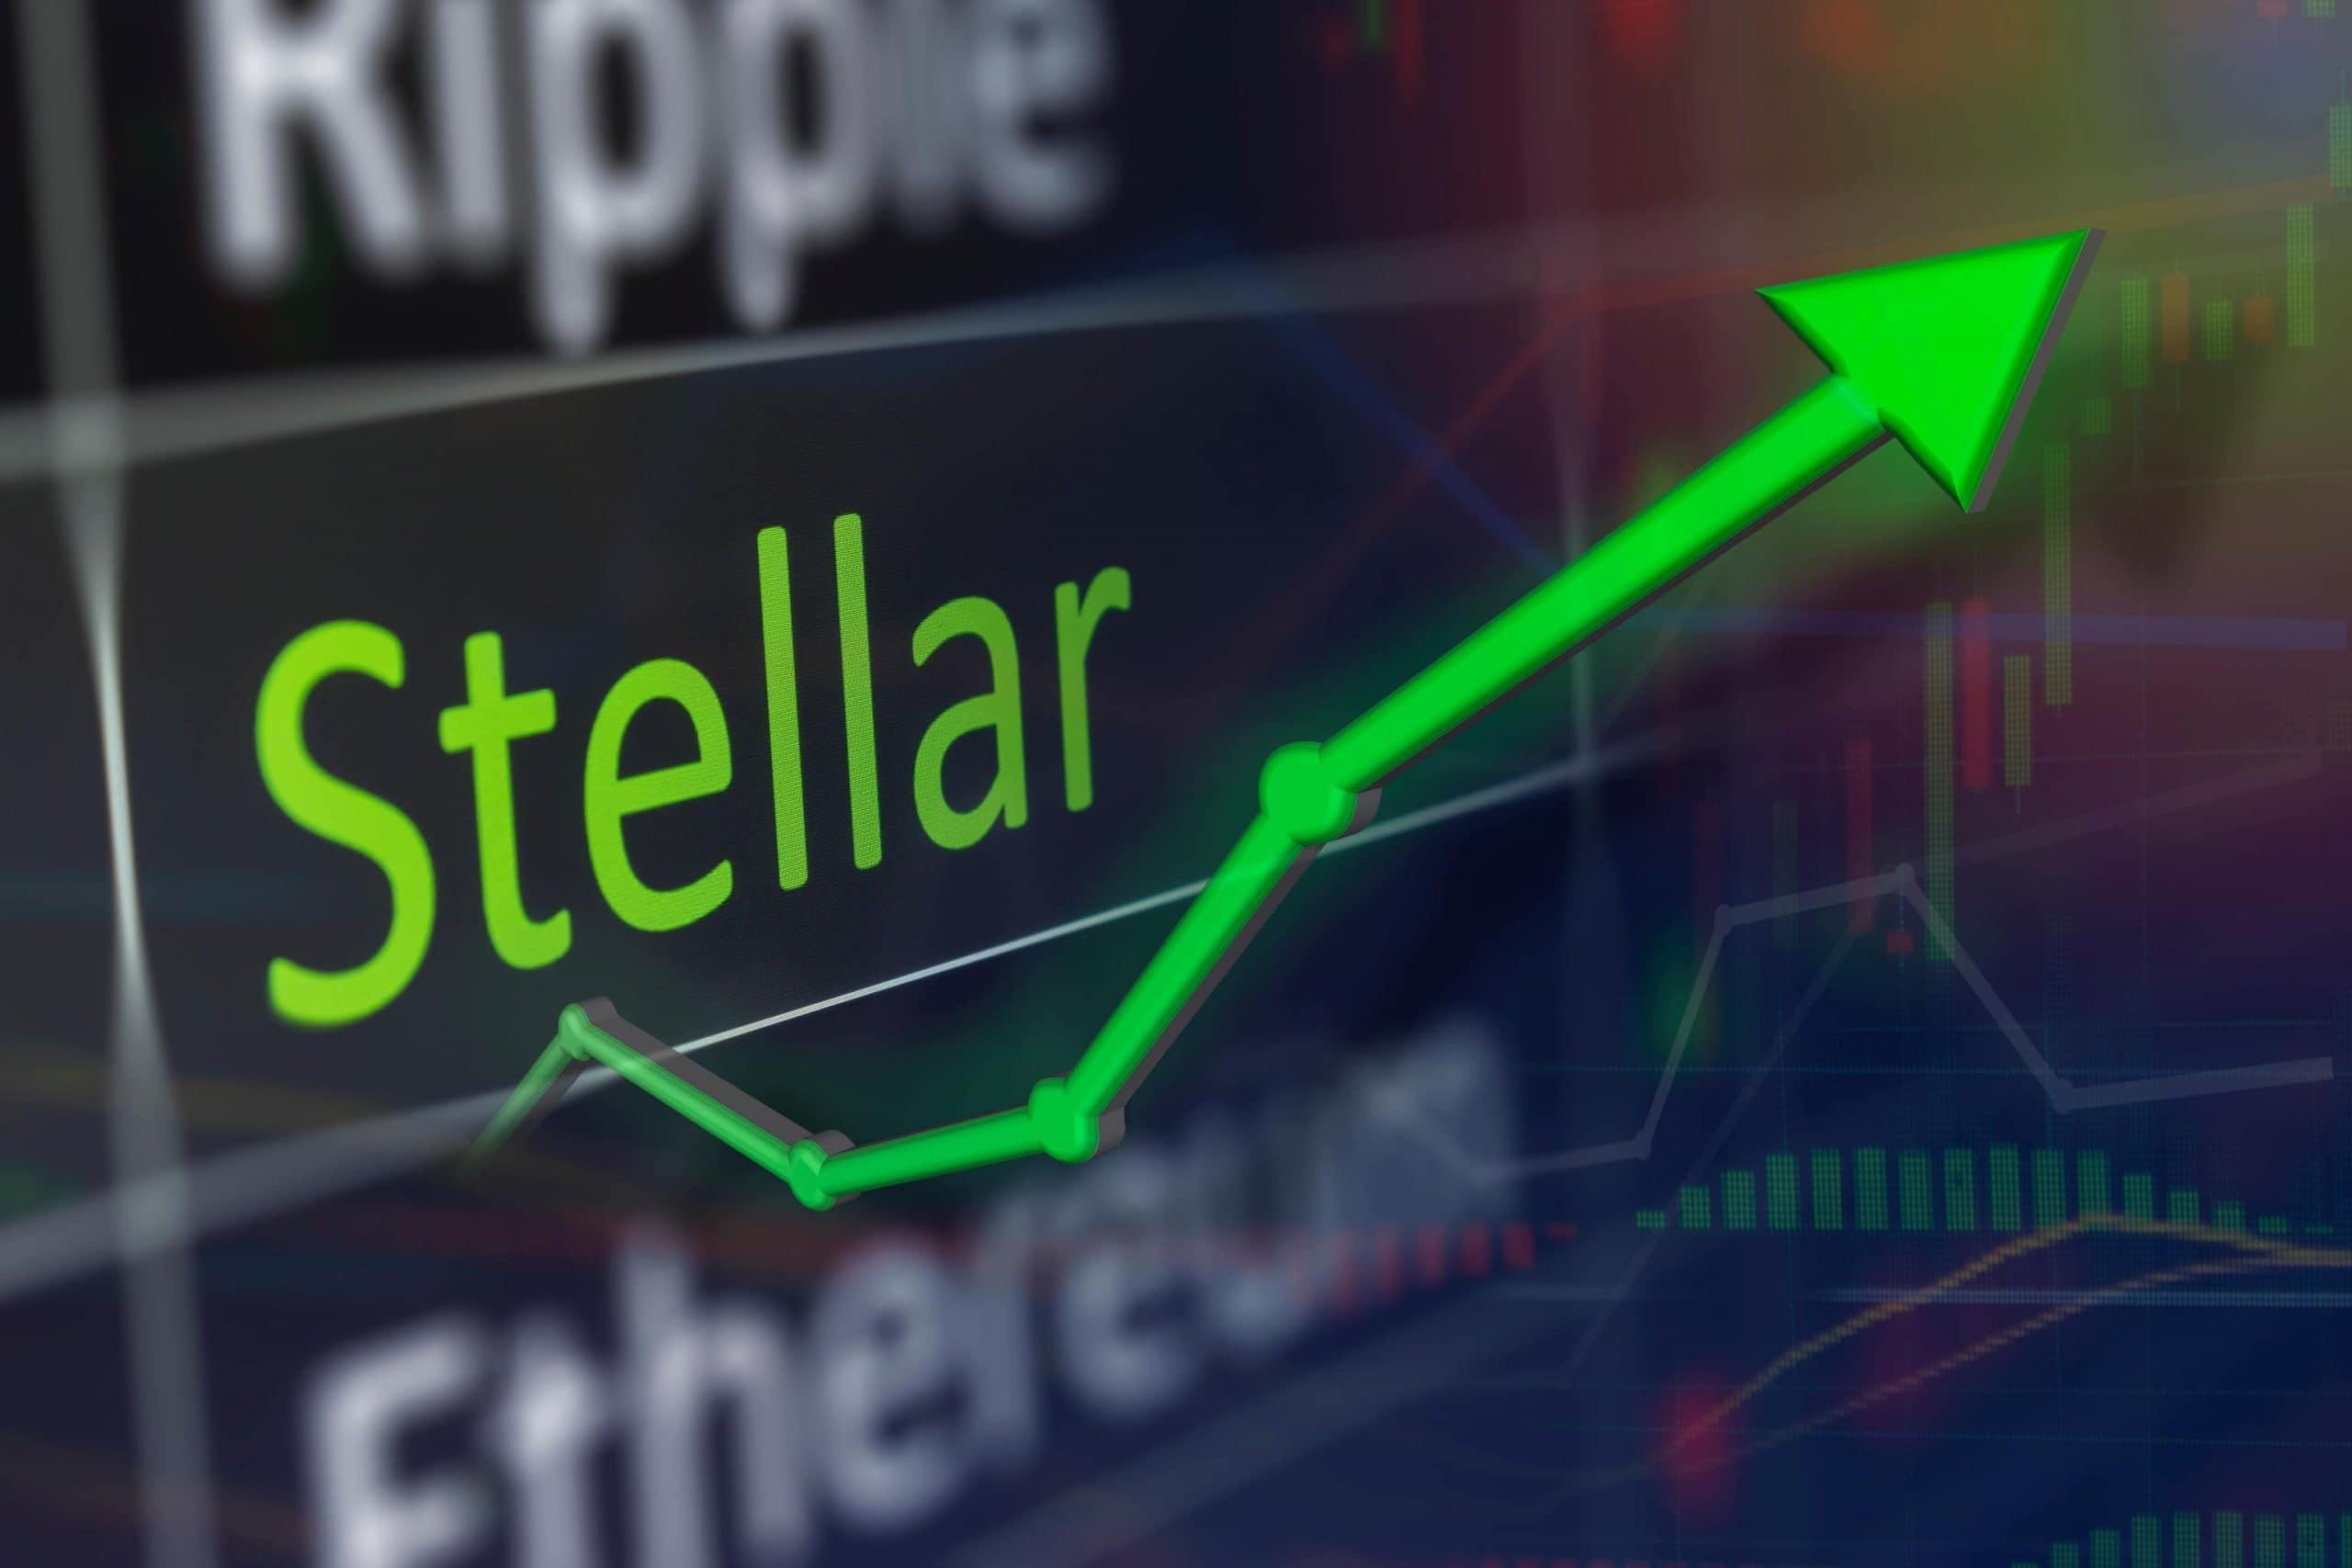 Die Kryptowährungen Ripple, Stellar und Ethereum, die an einer Börse gelistet sind. Stellar ist dabei in grüner Schrift und hat einen abgehenden grünen Kurs, der nach oben zeigt.